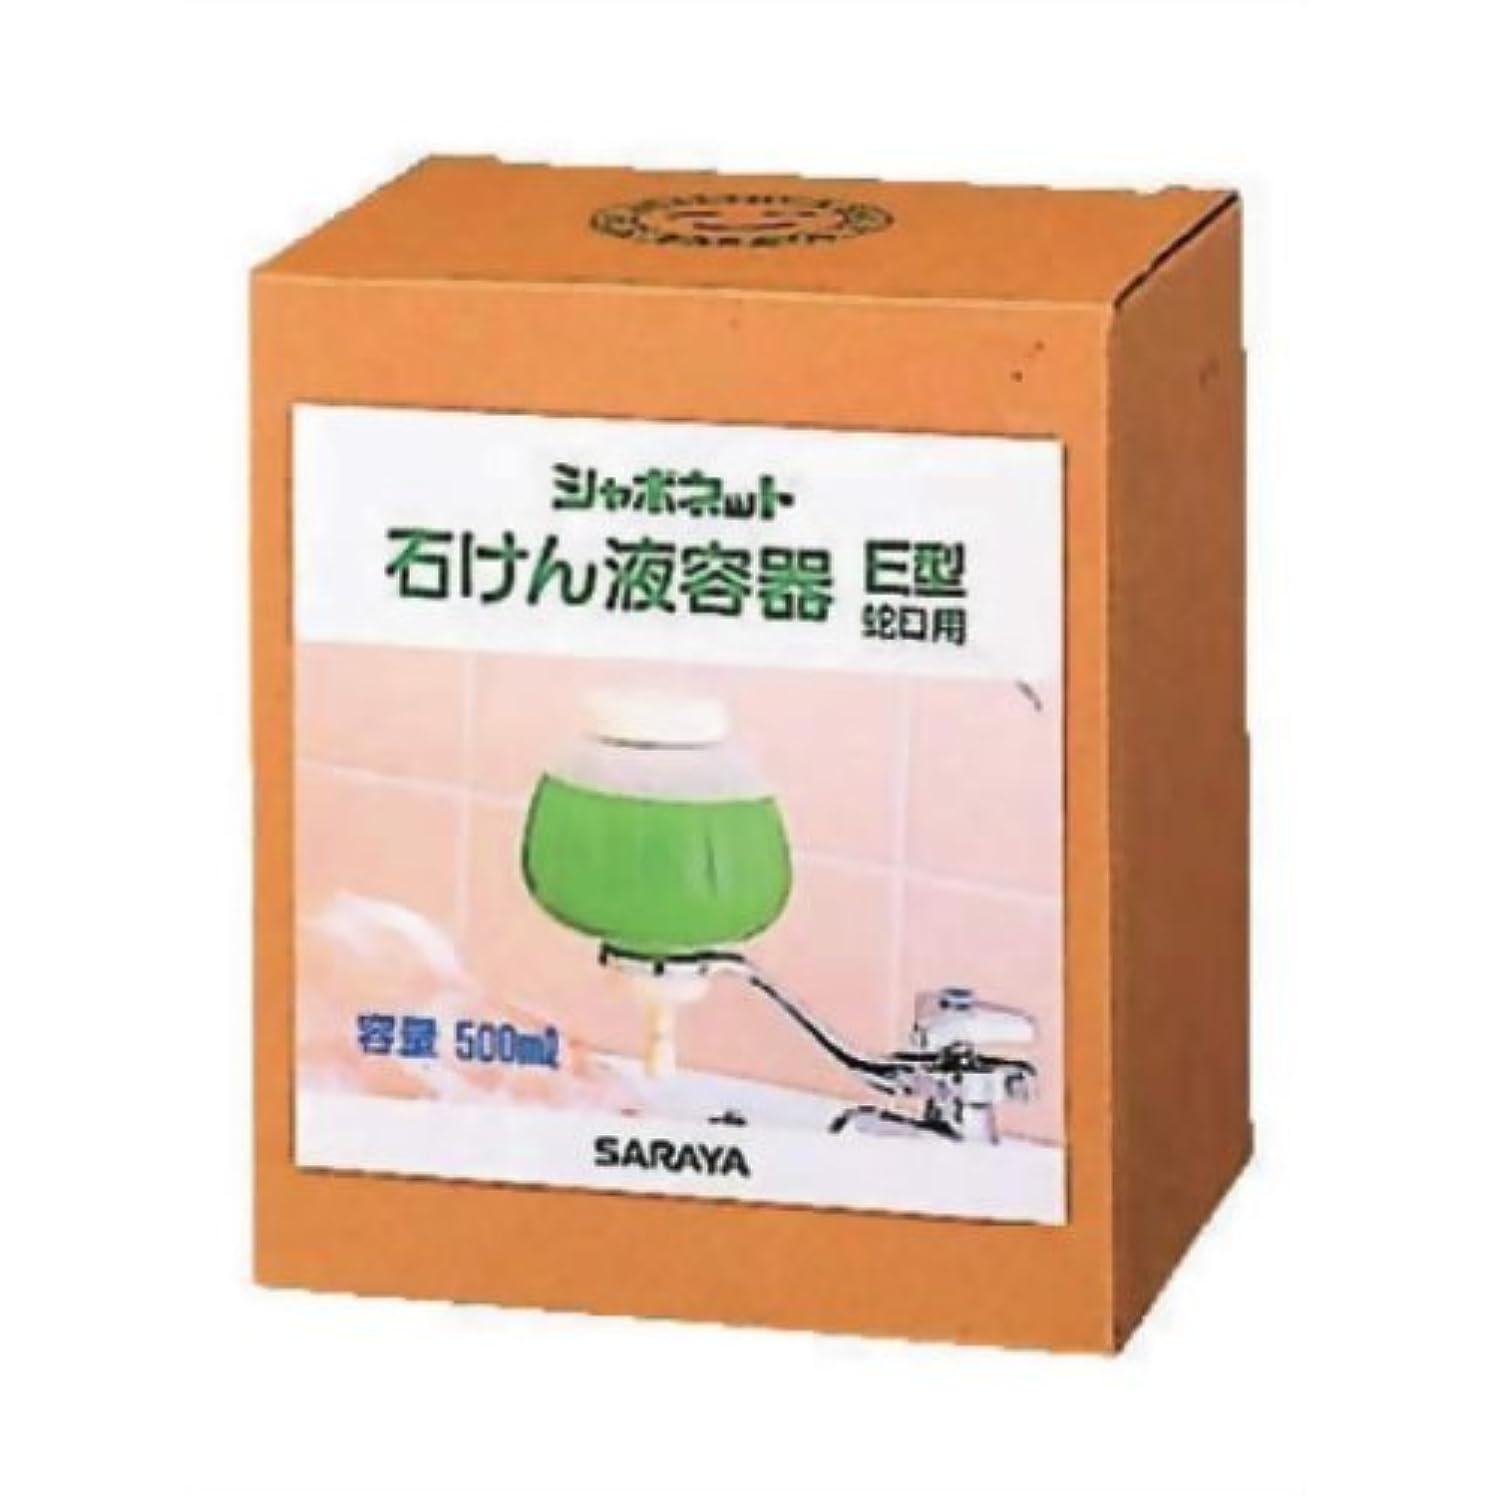 アンカー発行する戦闘シャボネット 石鹸液容器 E型蛇口用 500ml